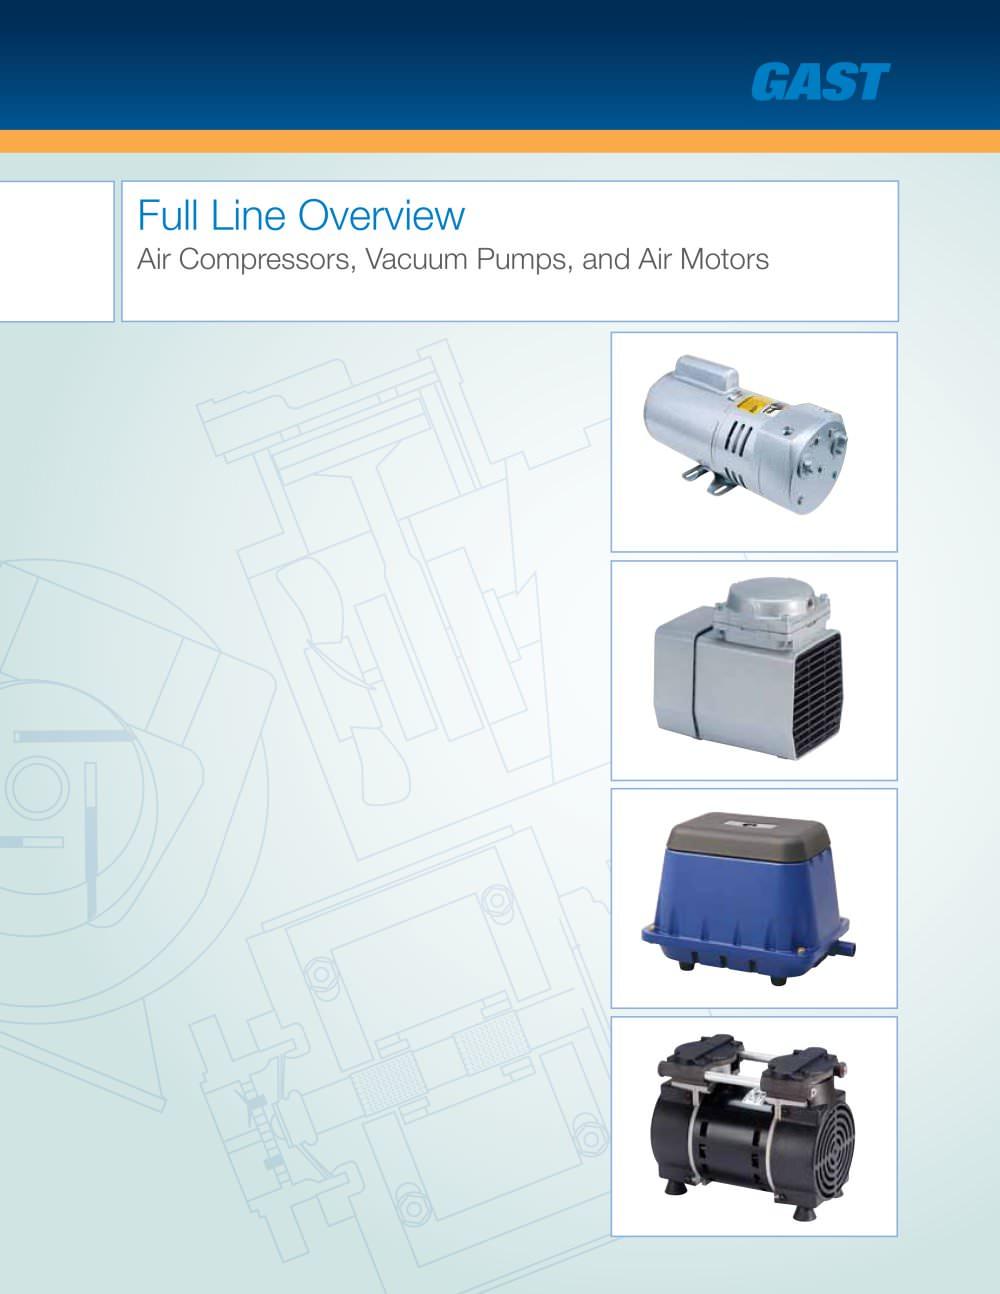 Full Line Overview Gast Group Ltd Pdf Catalogue Technical Vacuum Pump Diagram Nash 1 12 Pages